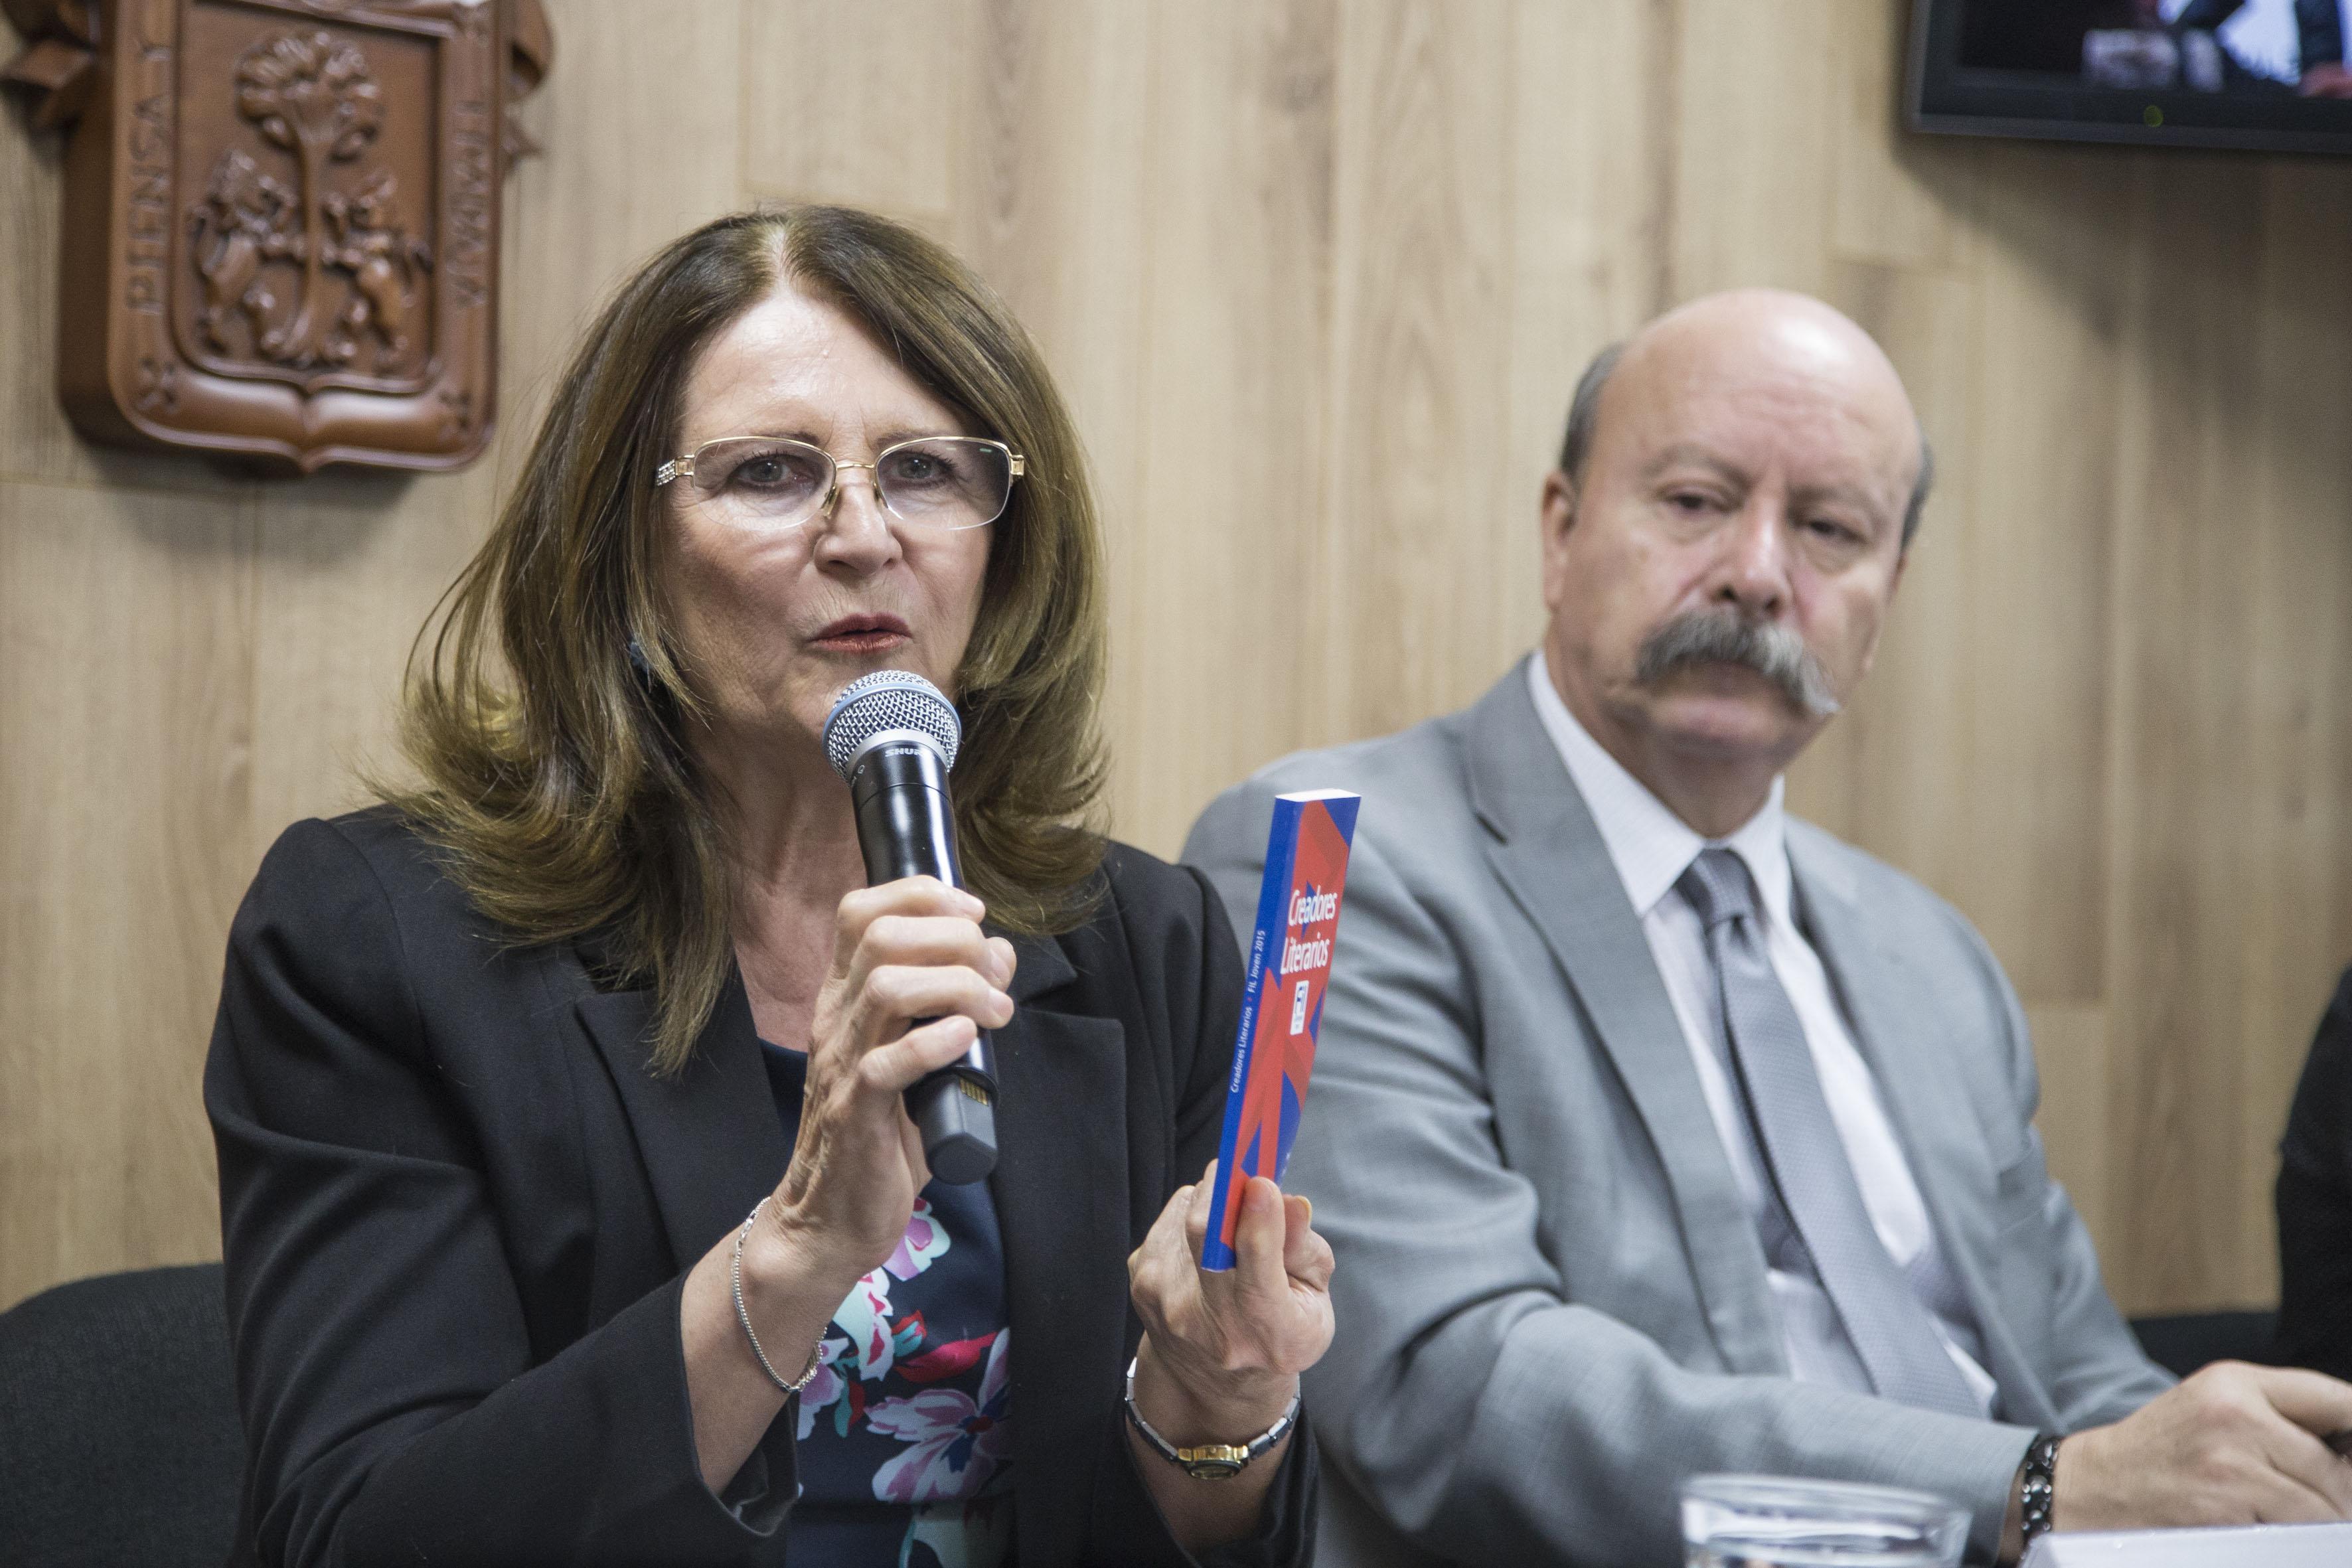 Mtra.  Lilia Mendoza Roaf, coordinadora de Extensión y Difusión del SEMS, haciendo uso de la palabra